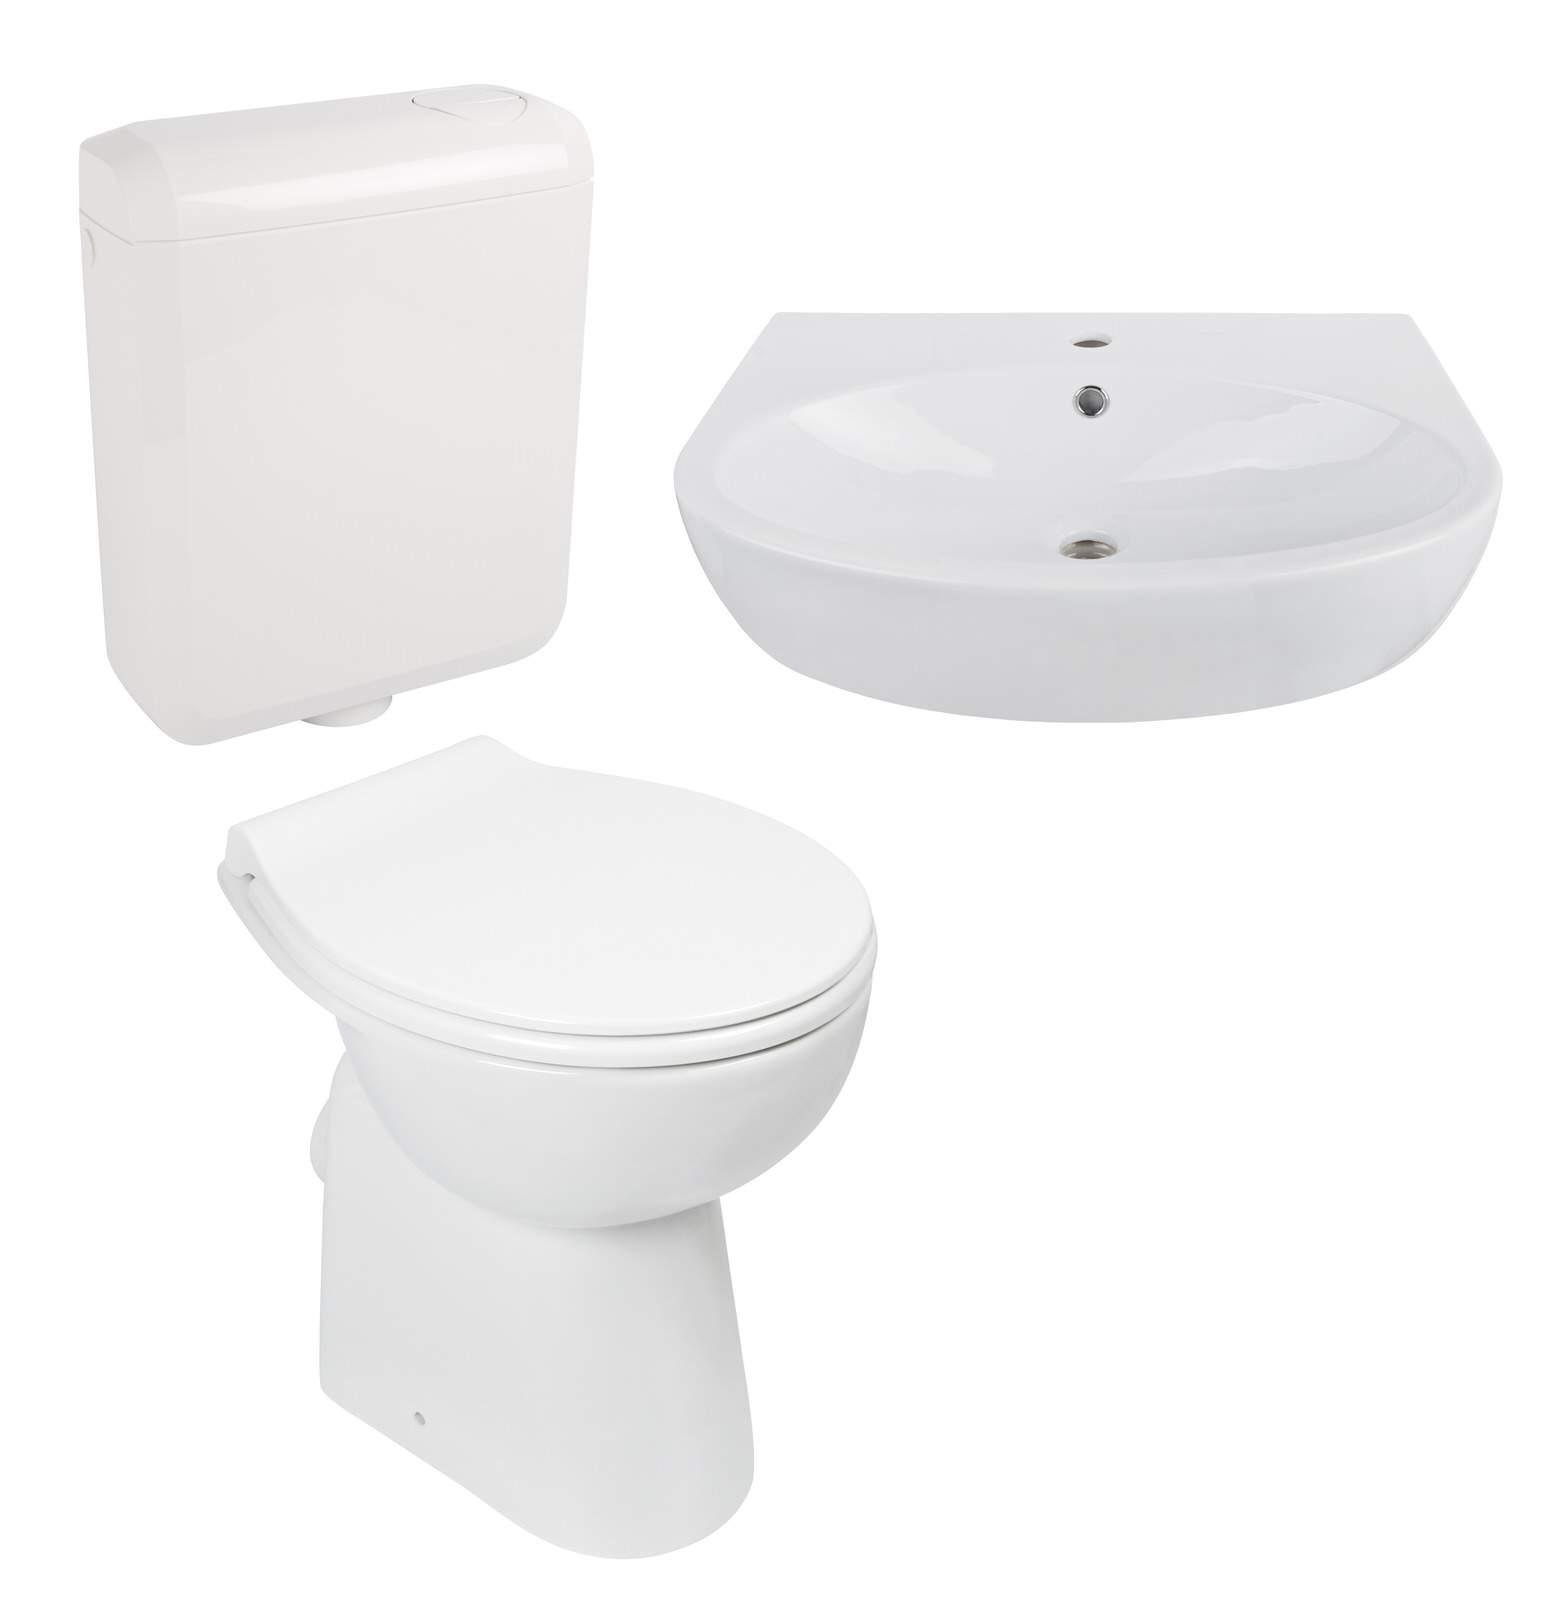 01 Keramik Set spuelrandloses WC Waschtisch